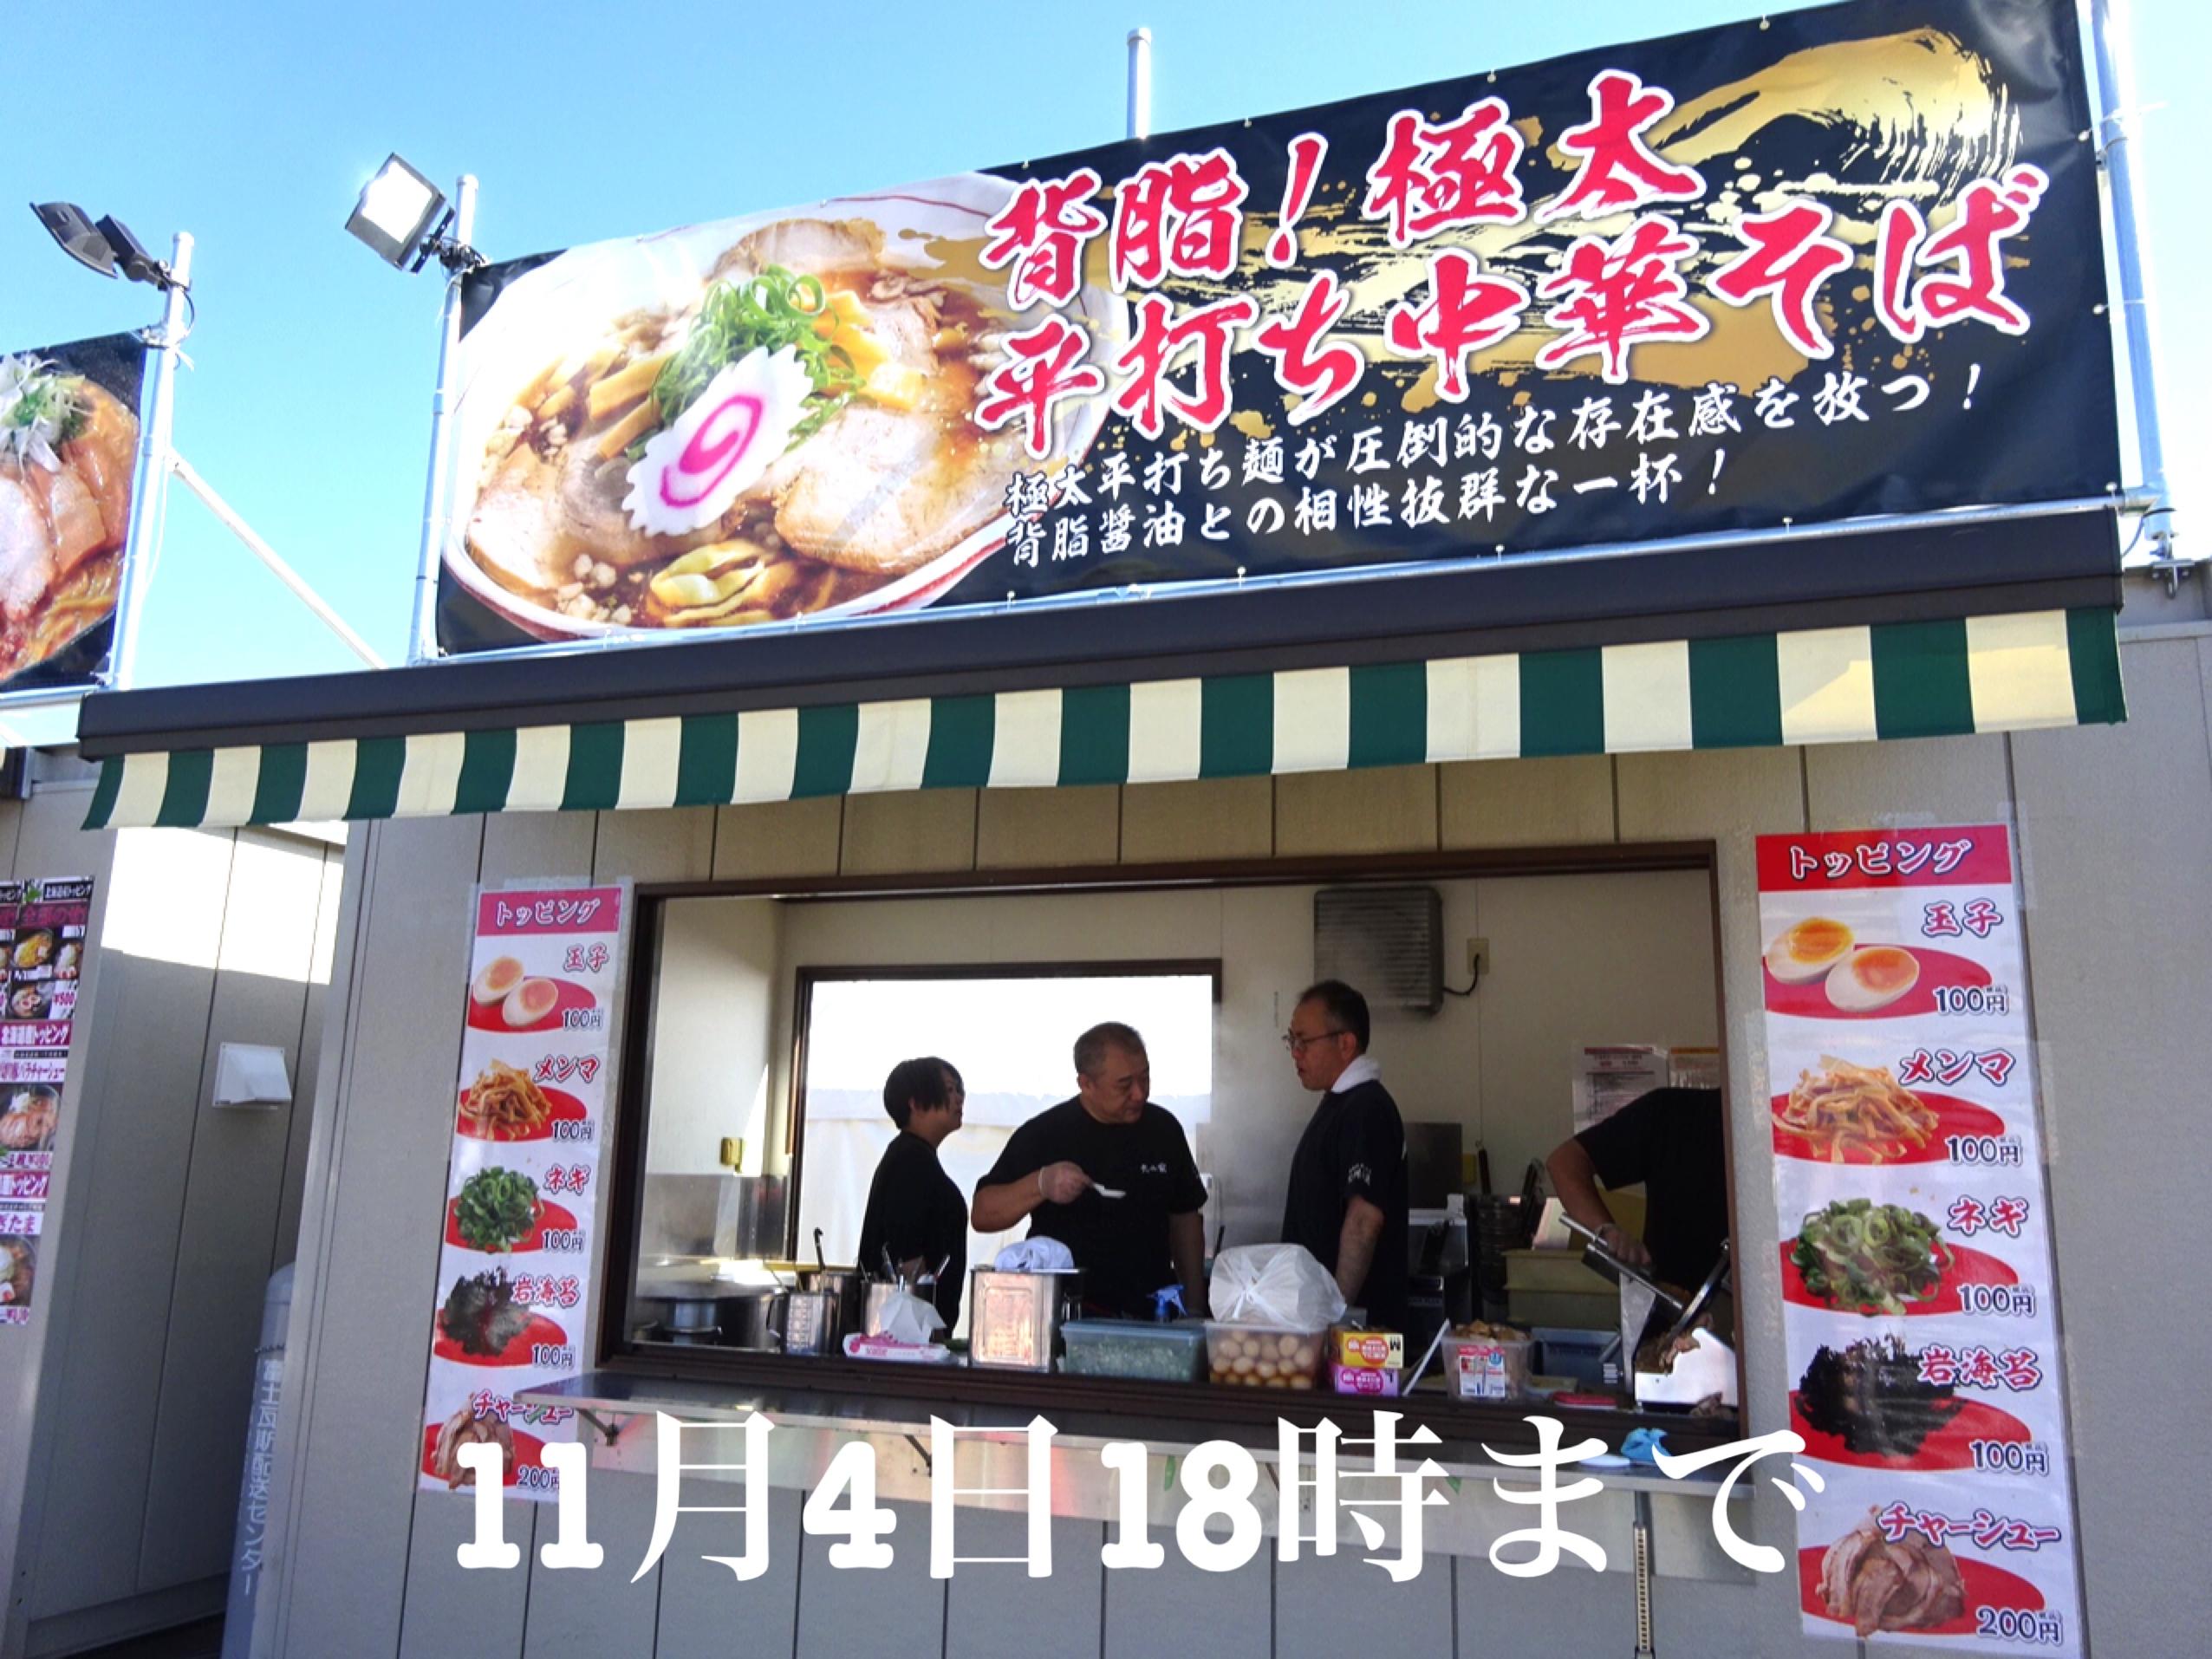 <報告>大山家✖️麺彩房コラボで東京ラーメンショー2019 第2幕出店<盛況のうちに閉幕>